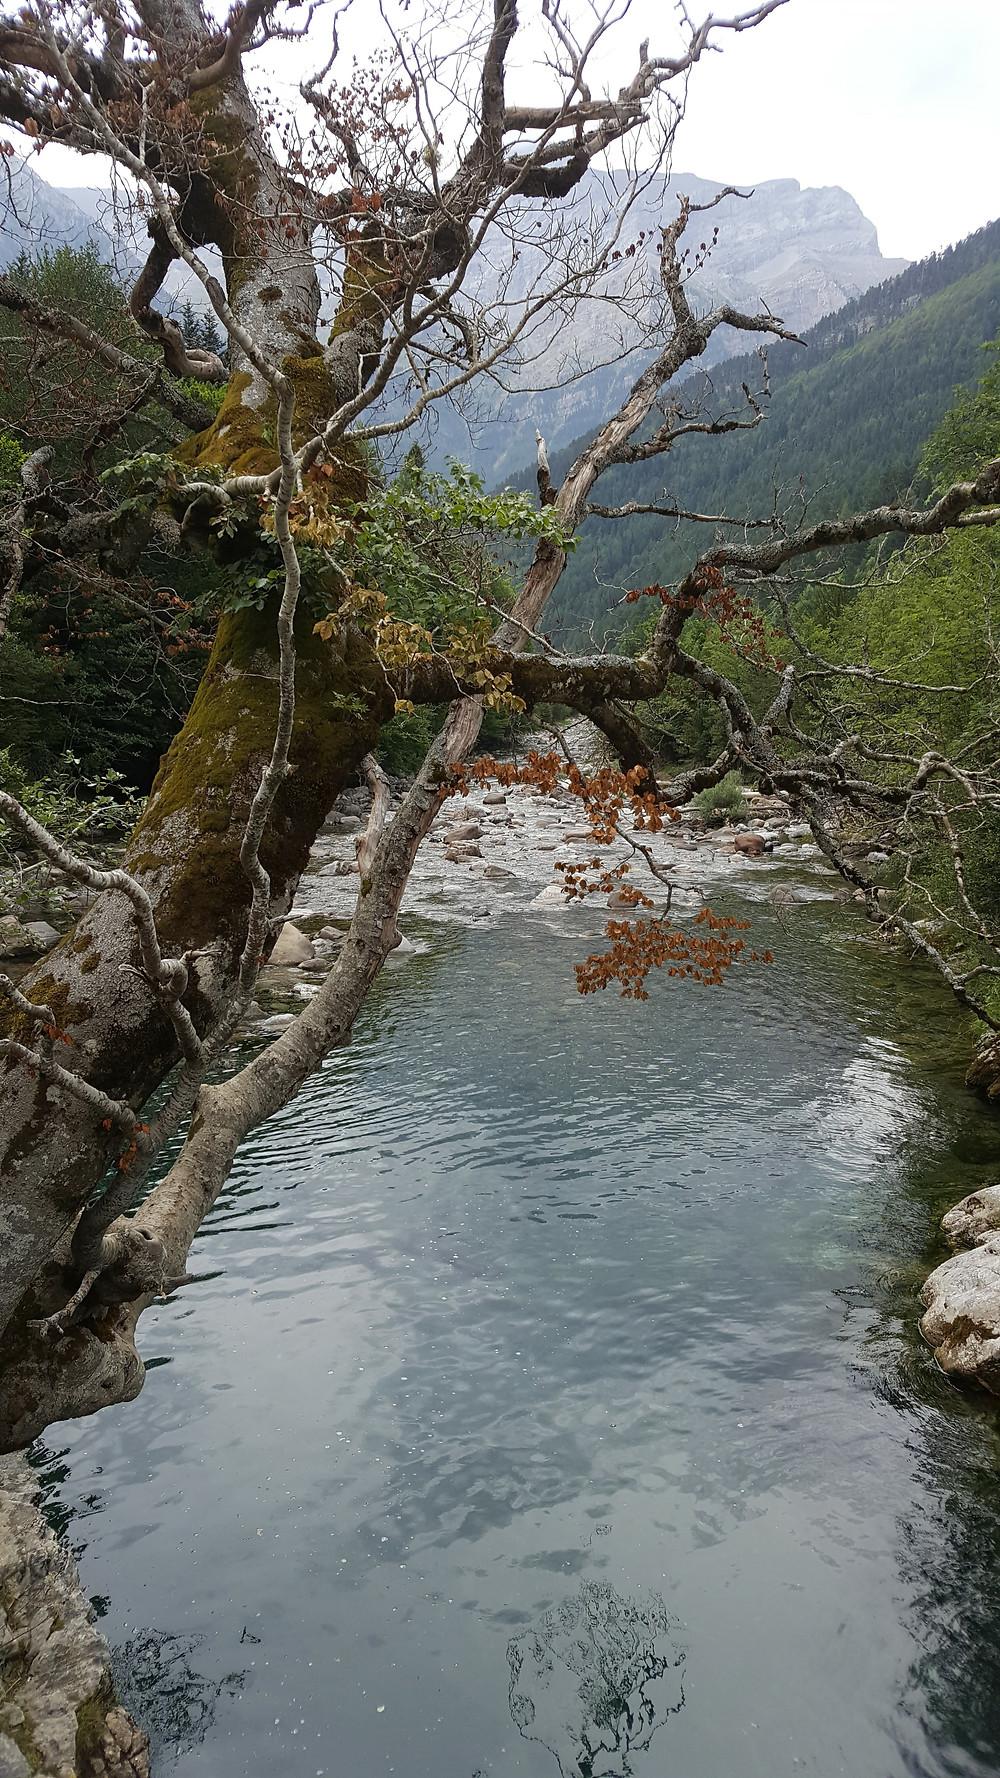 נהר והרים בפארק אורדסה בפירינאים